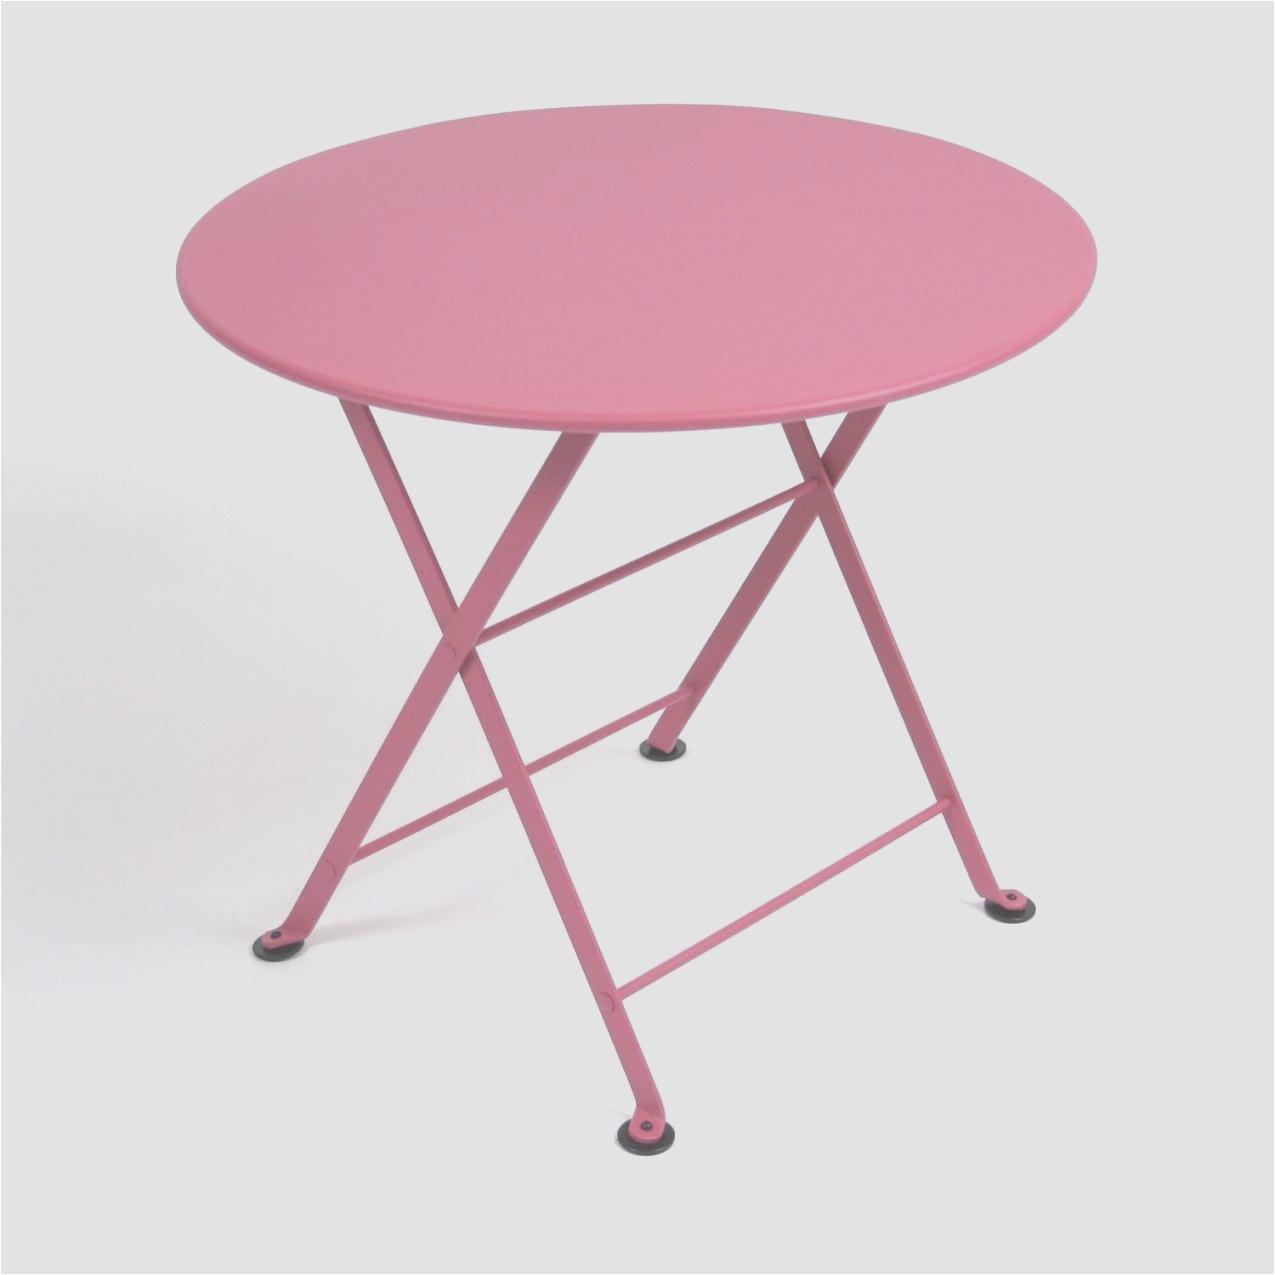 Petite Table Pliante Gifi Impressionnant Photographie Impressionné Gifi Table De Chevet